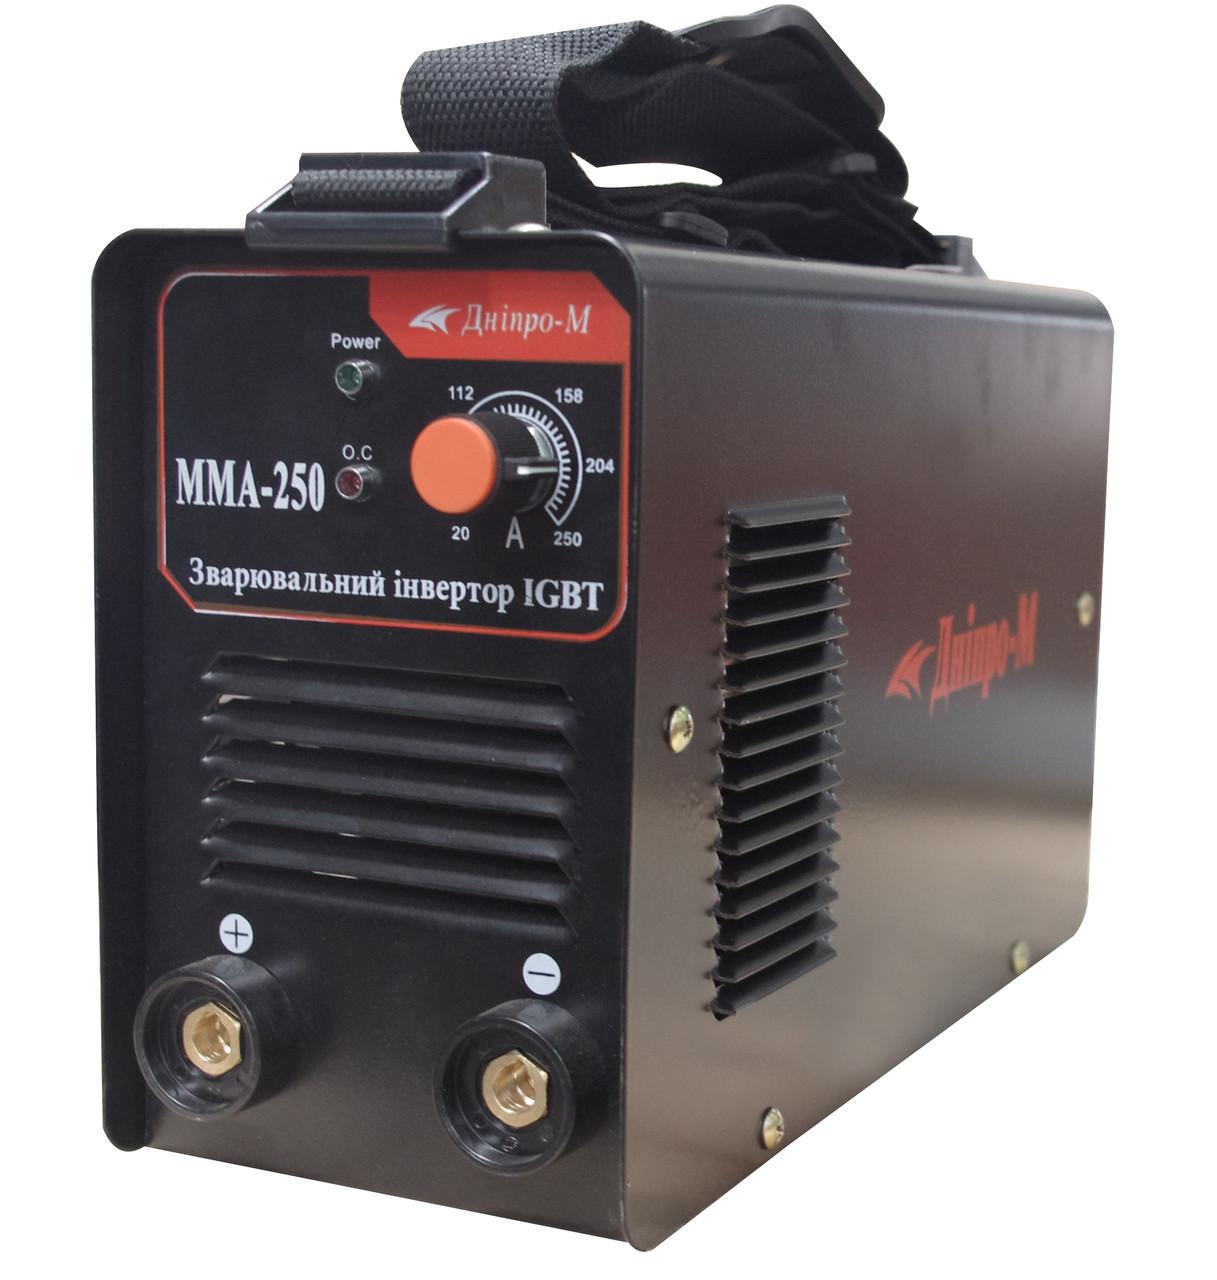 Сварочный инвертор Дніпро-М mini ММА 250